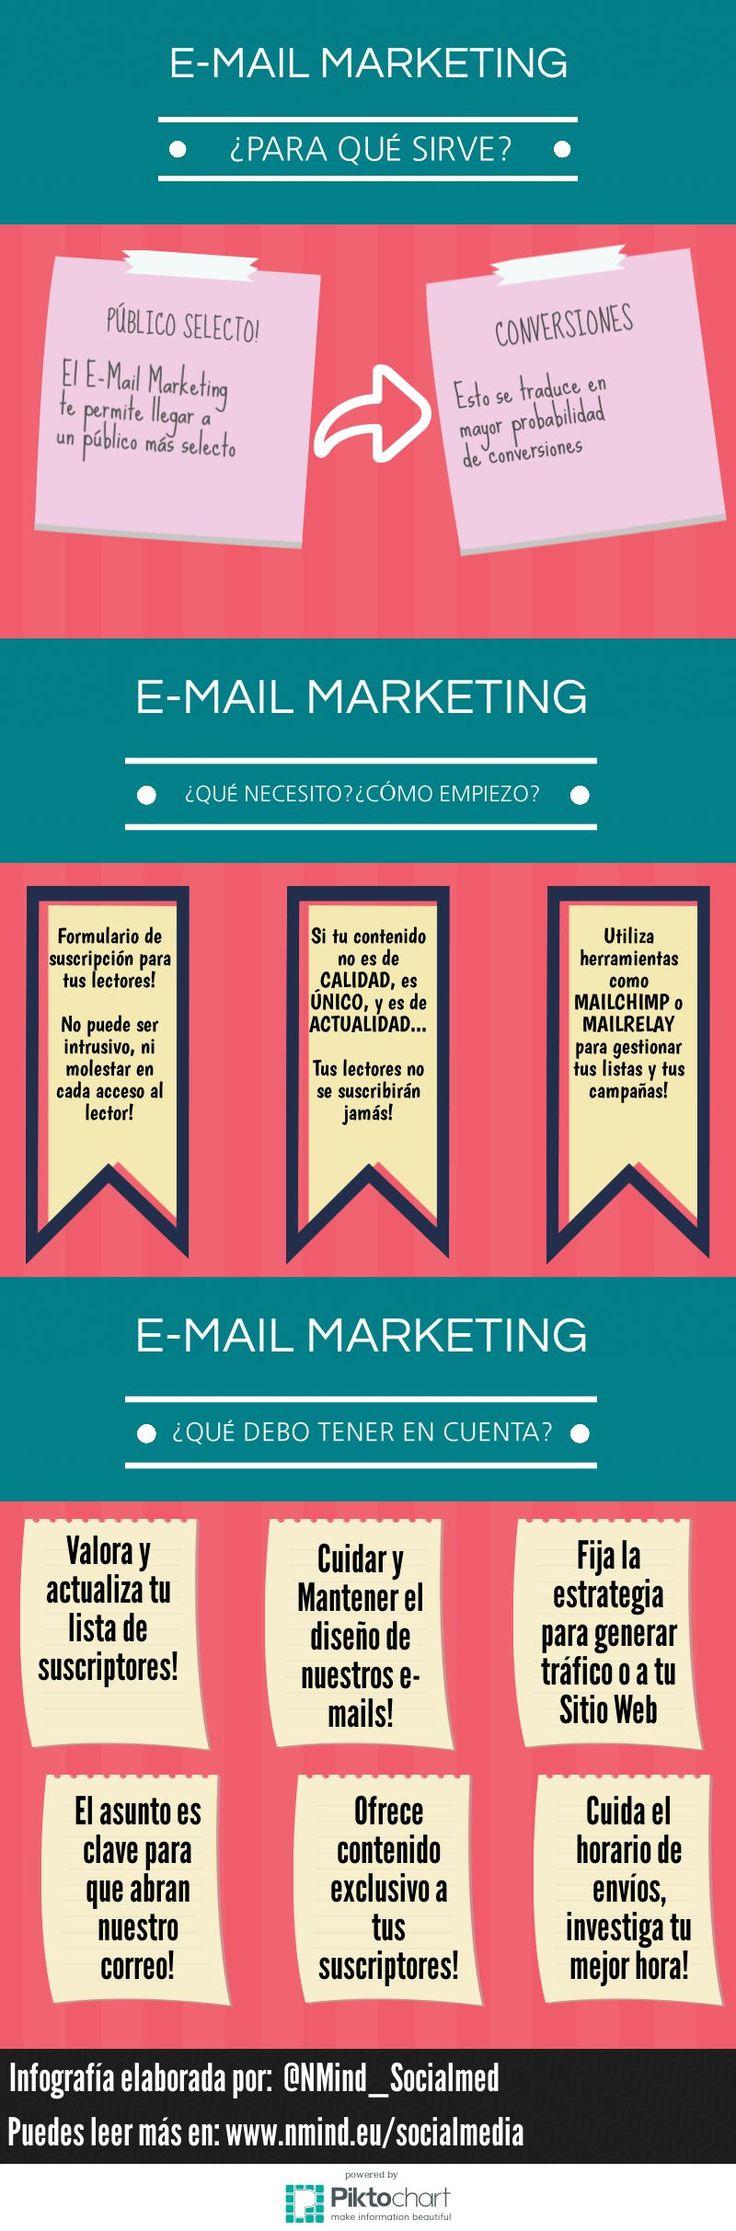 Una infografía en español que explica brevemente para que sirve el Email Marketing y que ofrece una serie de consejos para realizar campañas de éxito.